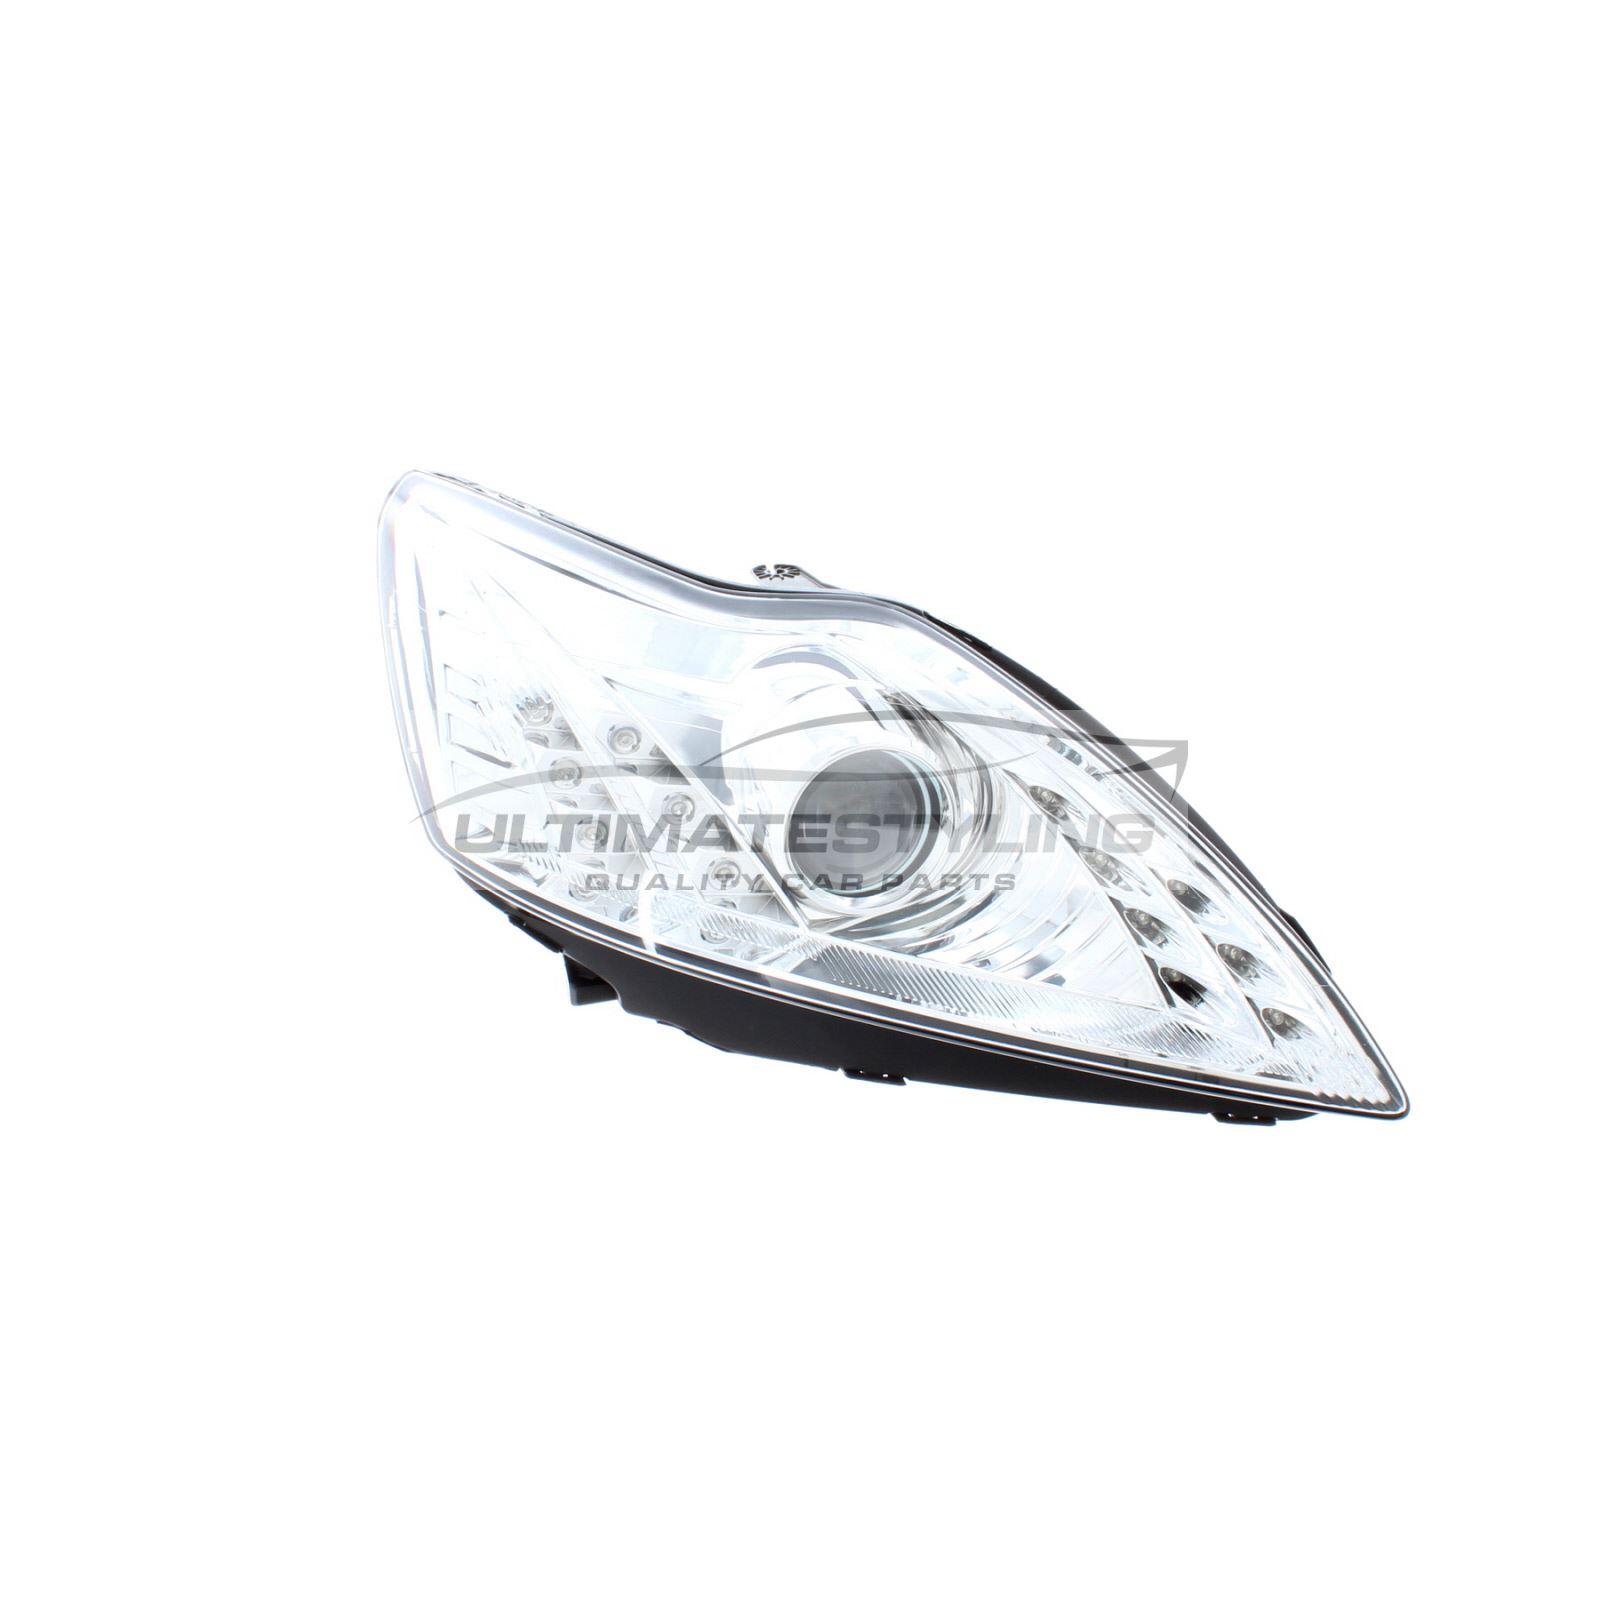 Ford Focus Mk2 Chrome Drl Devil Eye Head Light Lamp Pair Left Amp Right